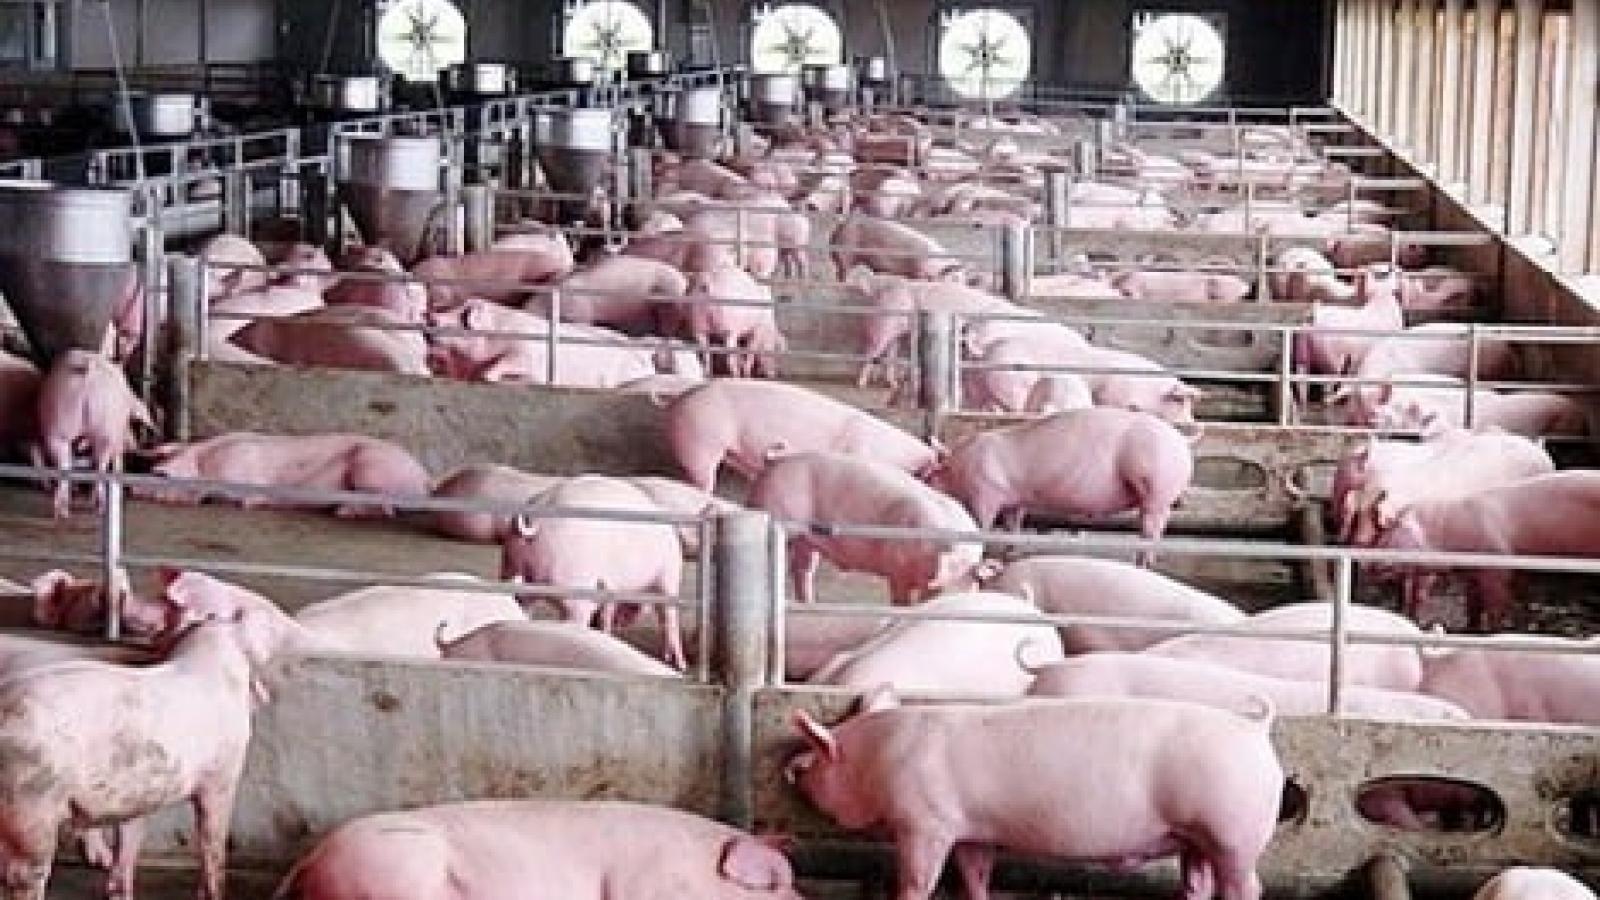 Xây dựng thành công ít nhất 500 cơ sở chăn nuôi lợn an toàn